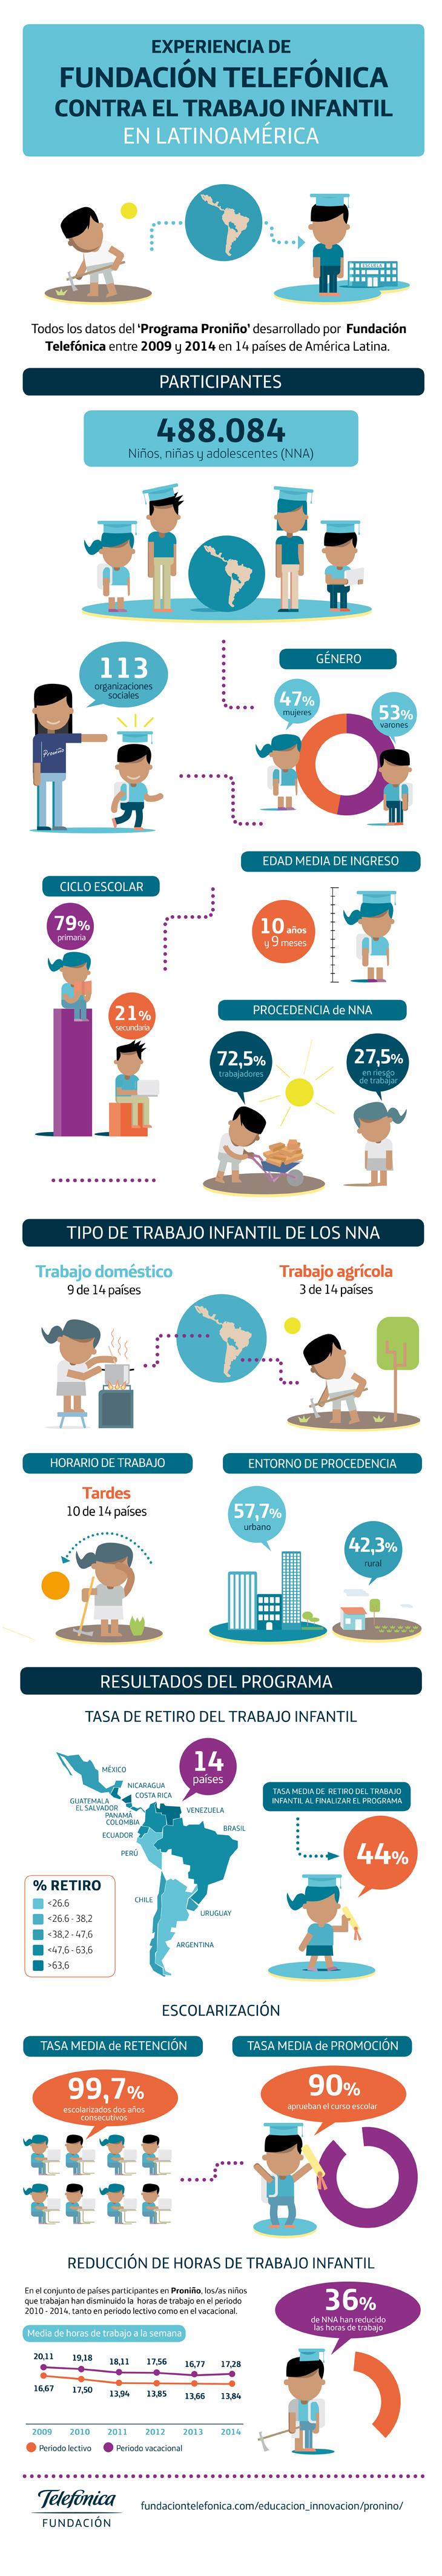 infografia_pronino6